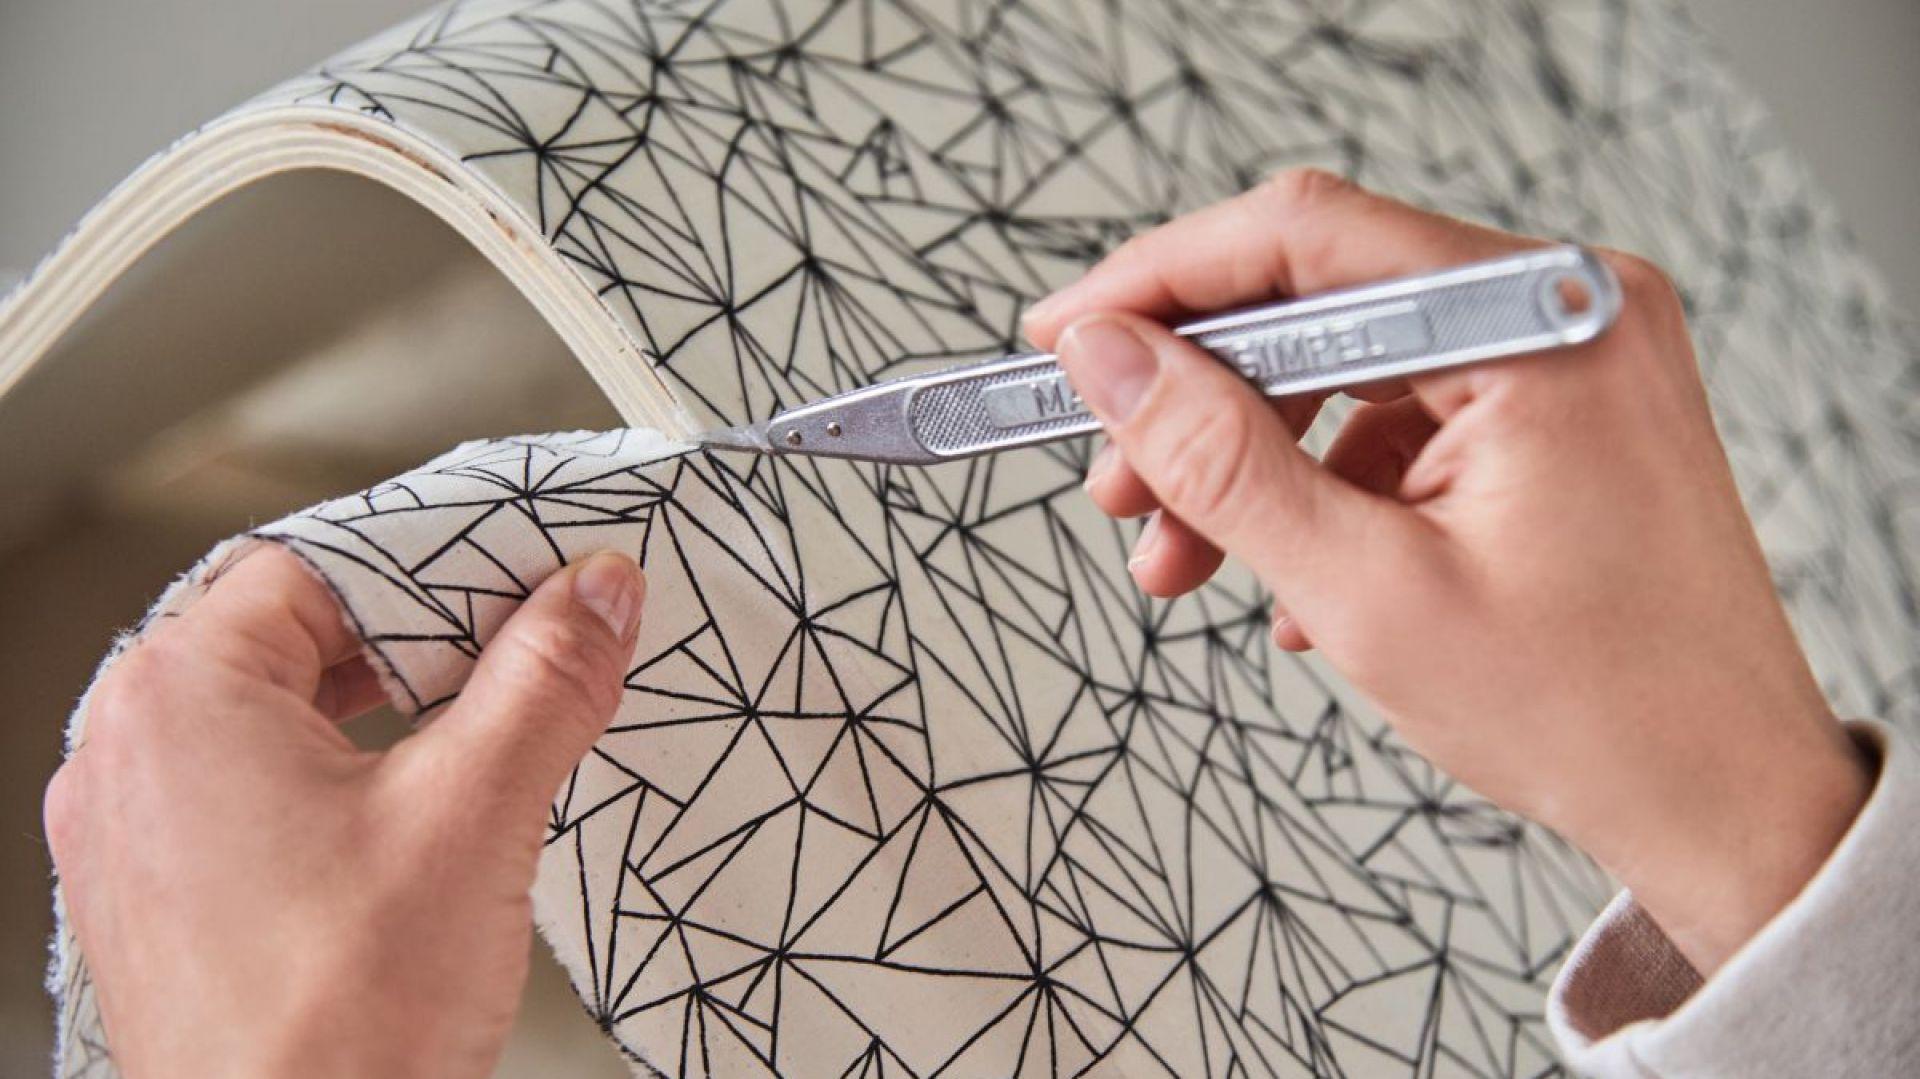 Na zakończenie użyj nożyka, aby przyciąć tkaninę wystającą poza krawędzie krzesła. Fot. Bosch